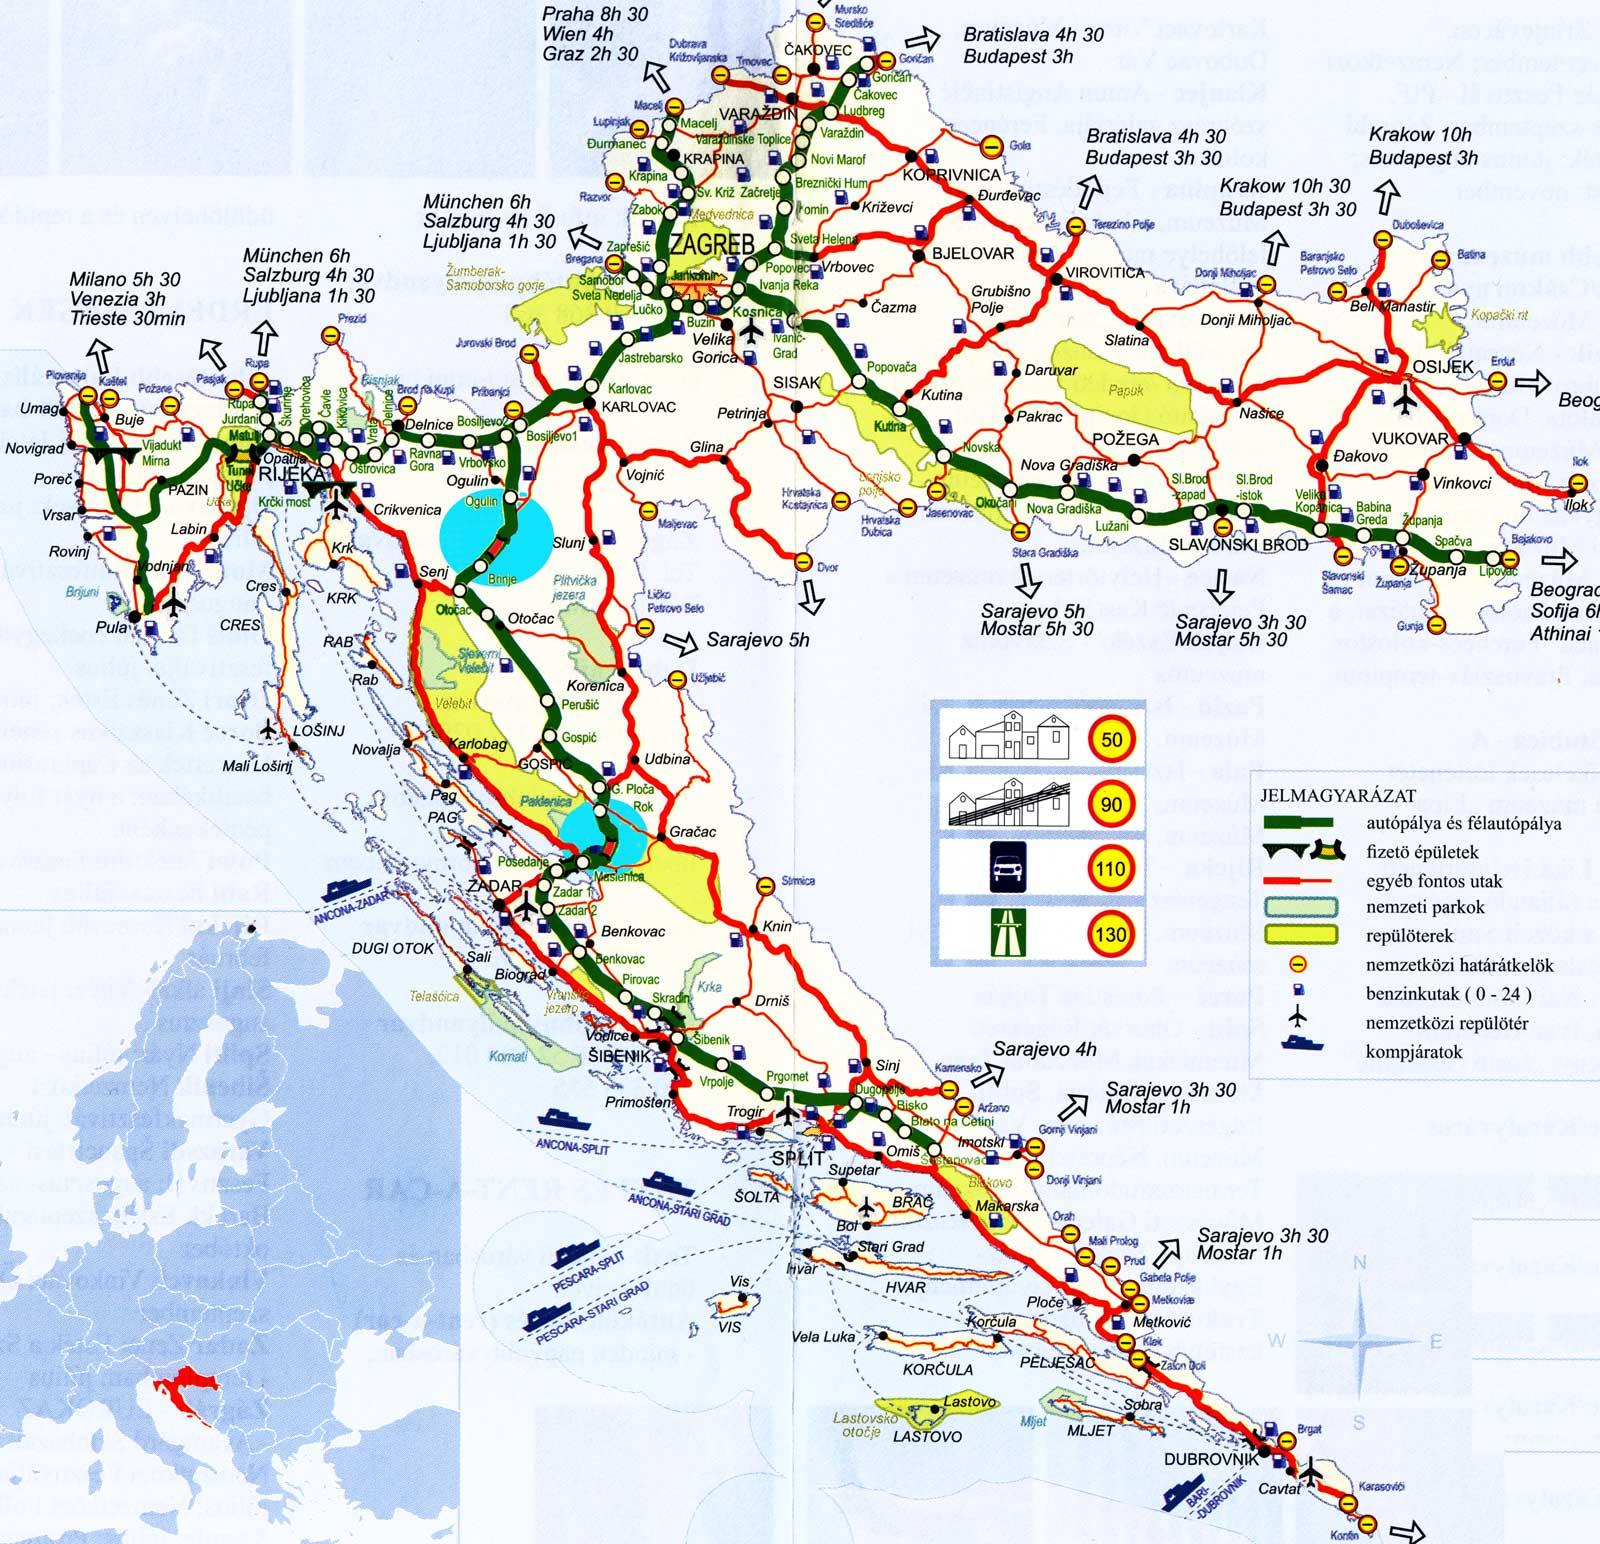 horvátország térkép részletes Horvátország Adria Dalmácia Isztria útibeszámolók információk  horvátország térkép részletes